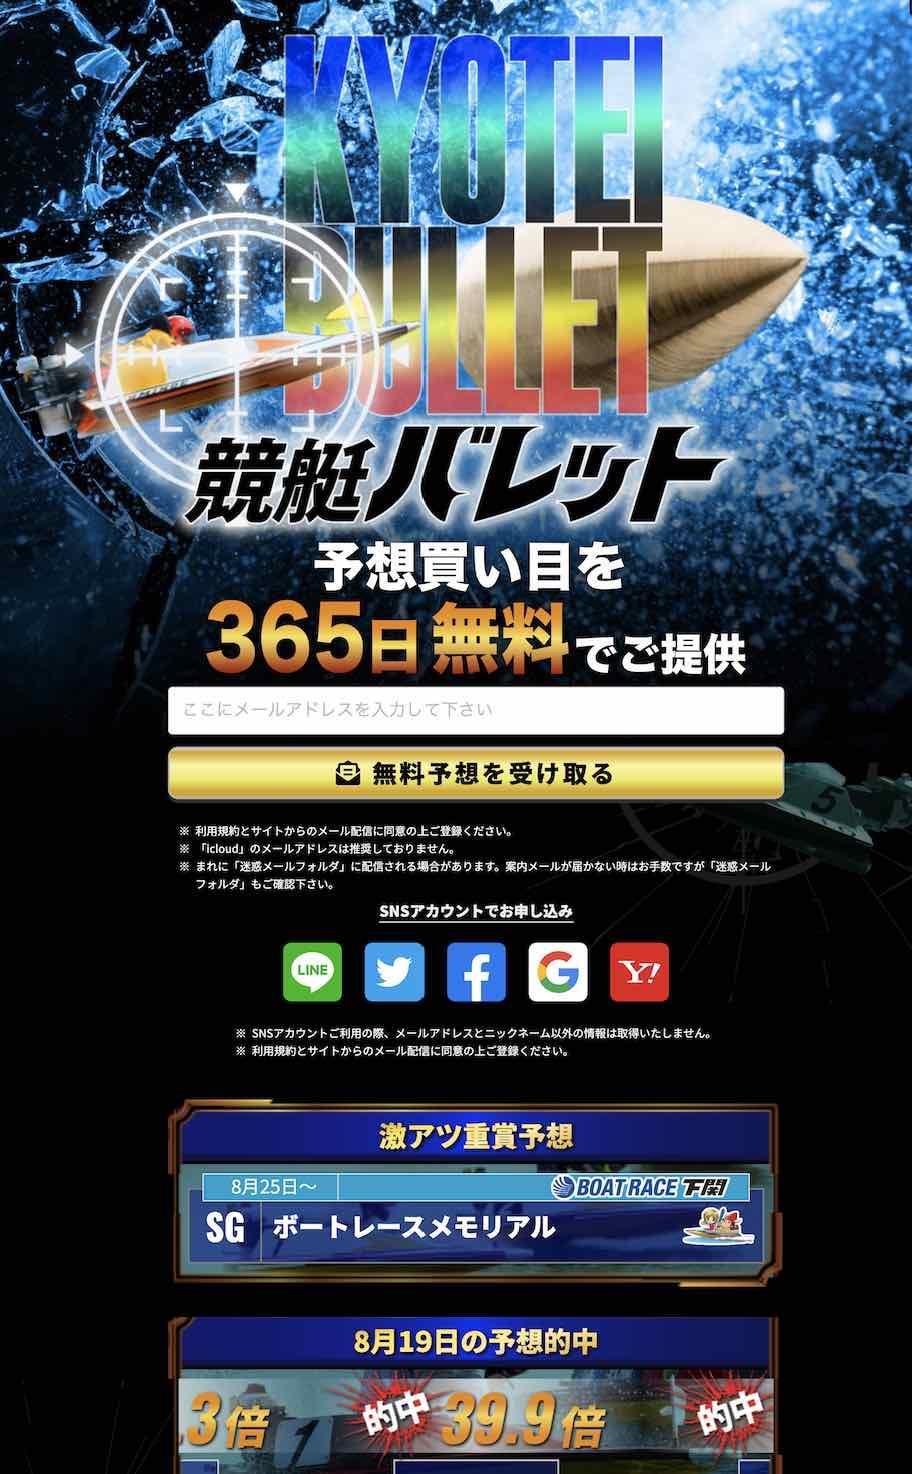 競艇バレットという競艇予想サイト(ボートレース予想サイト)の非会員ページ